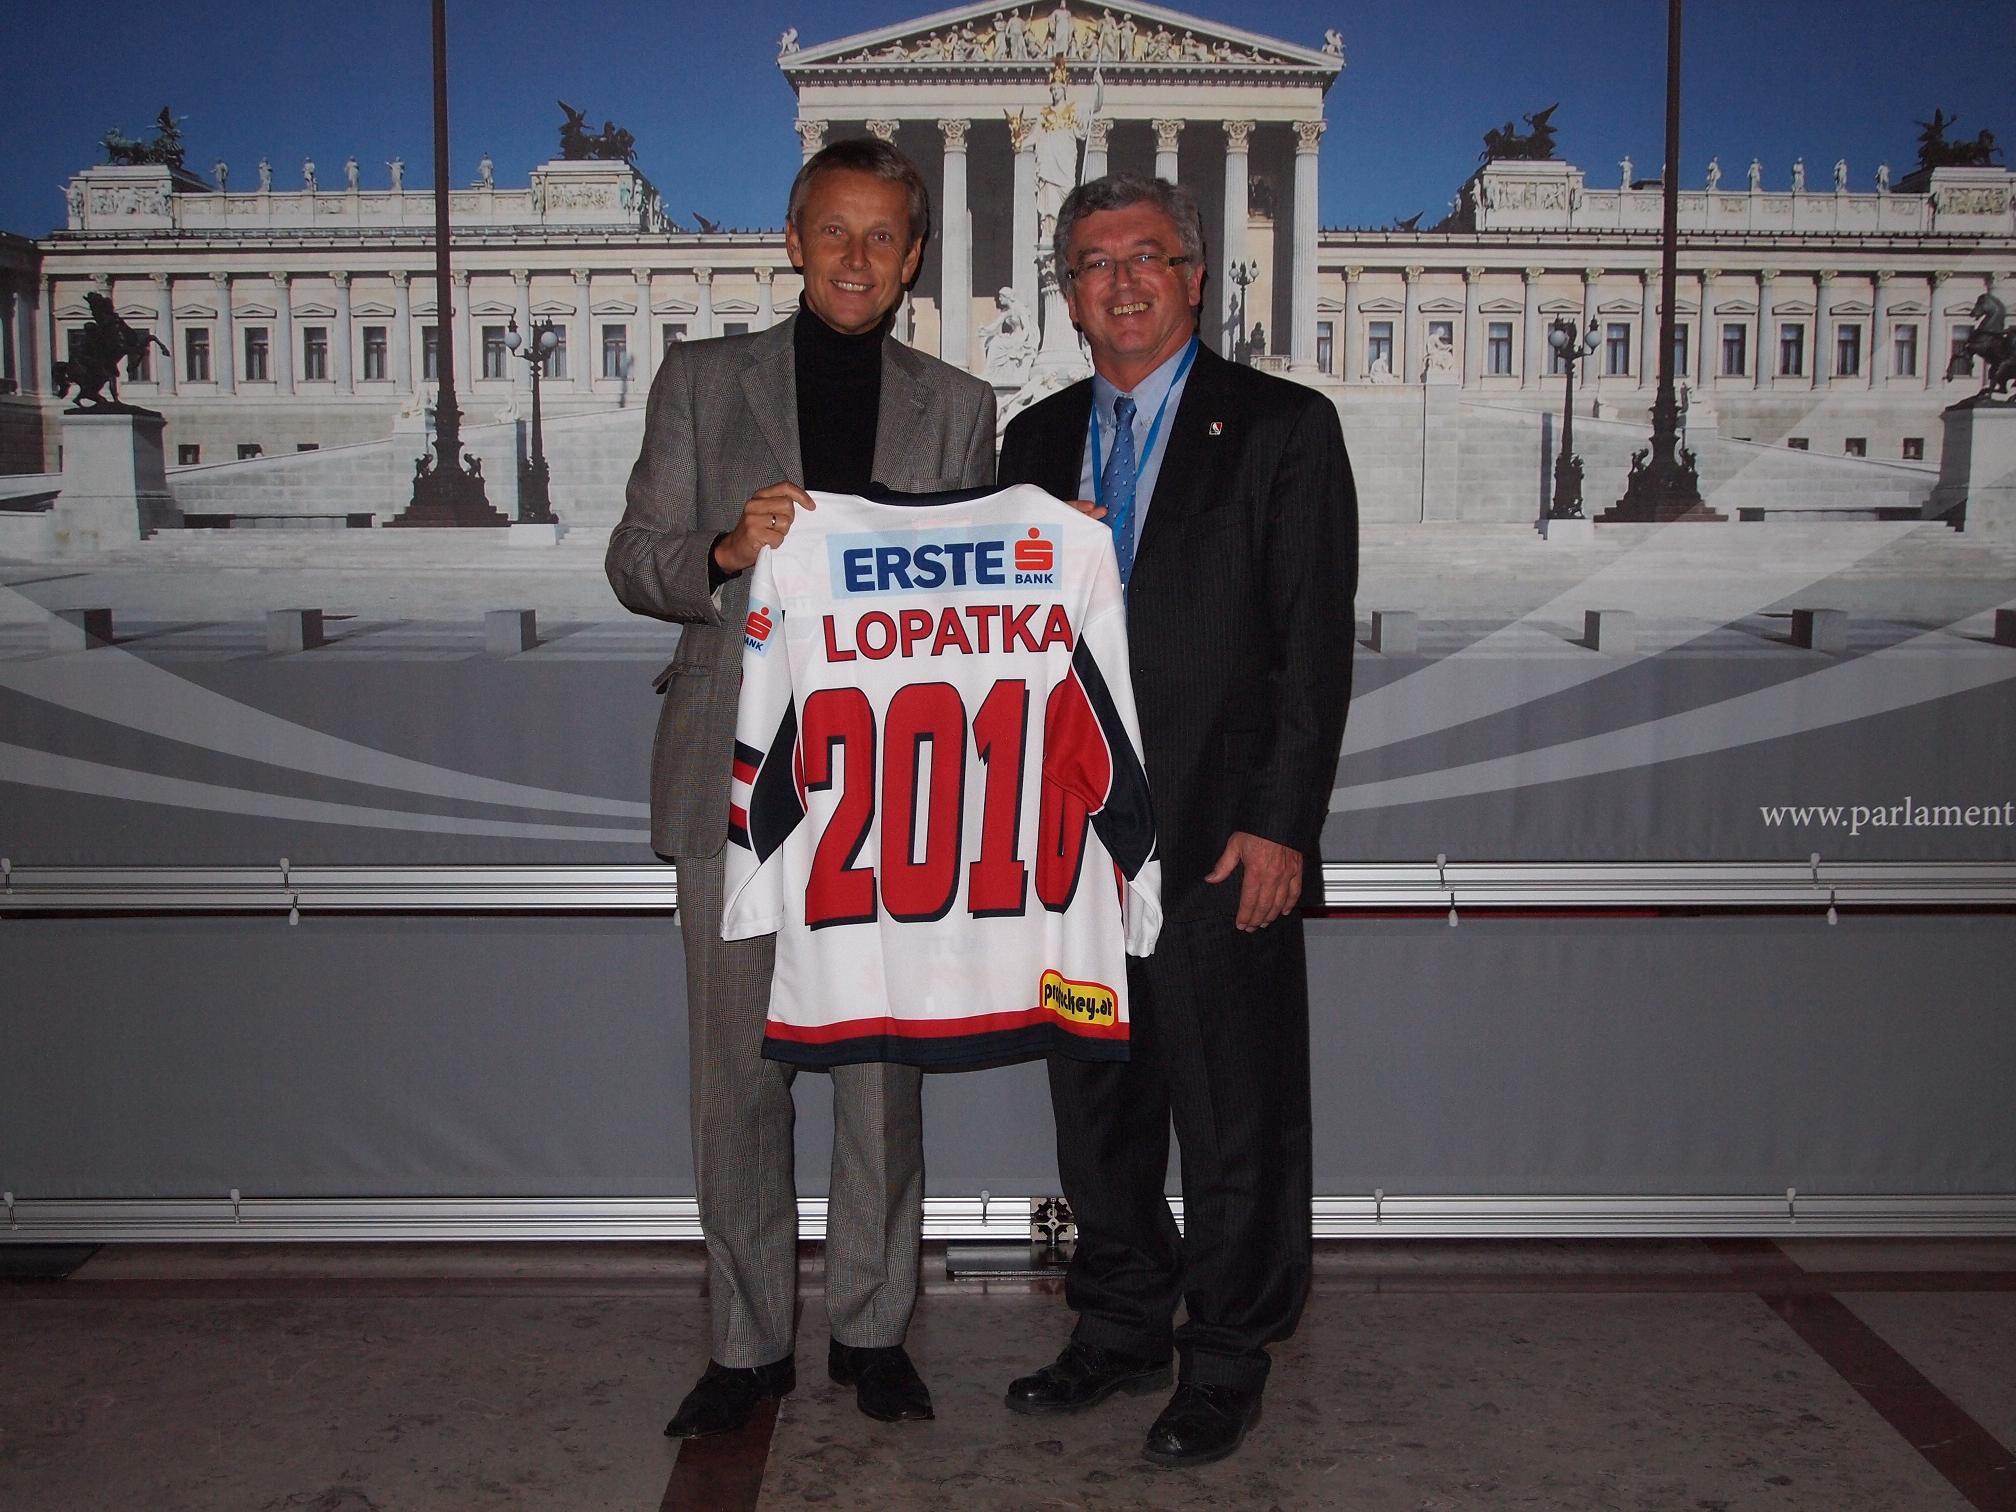 Mit dem Teamtrikot der Eishockey-Nationalmannschaft (C) Österreichischer Eishockeyverband